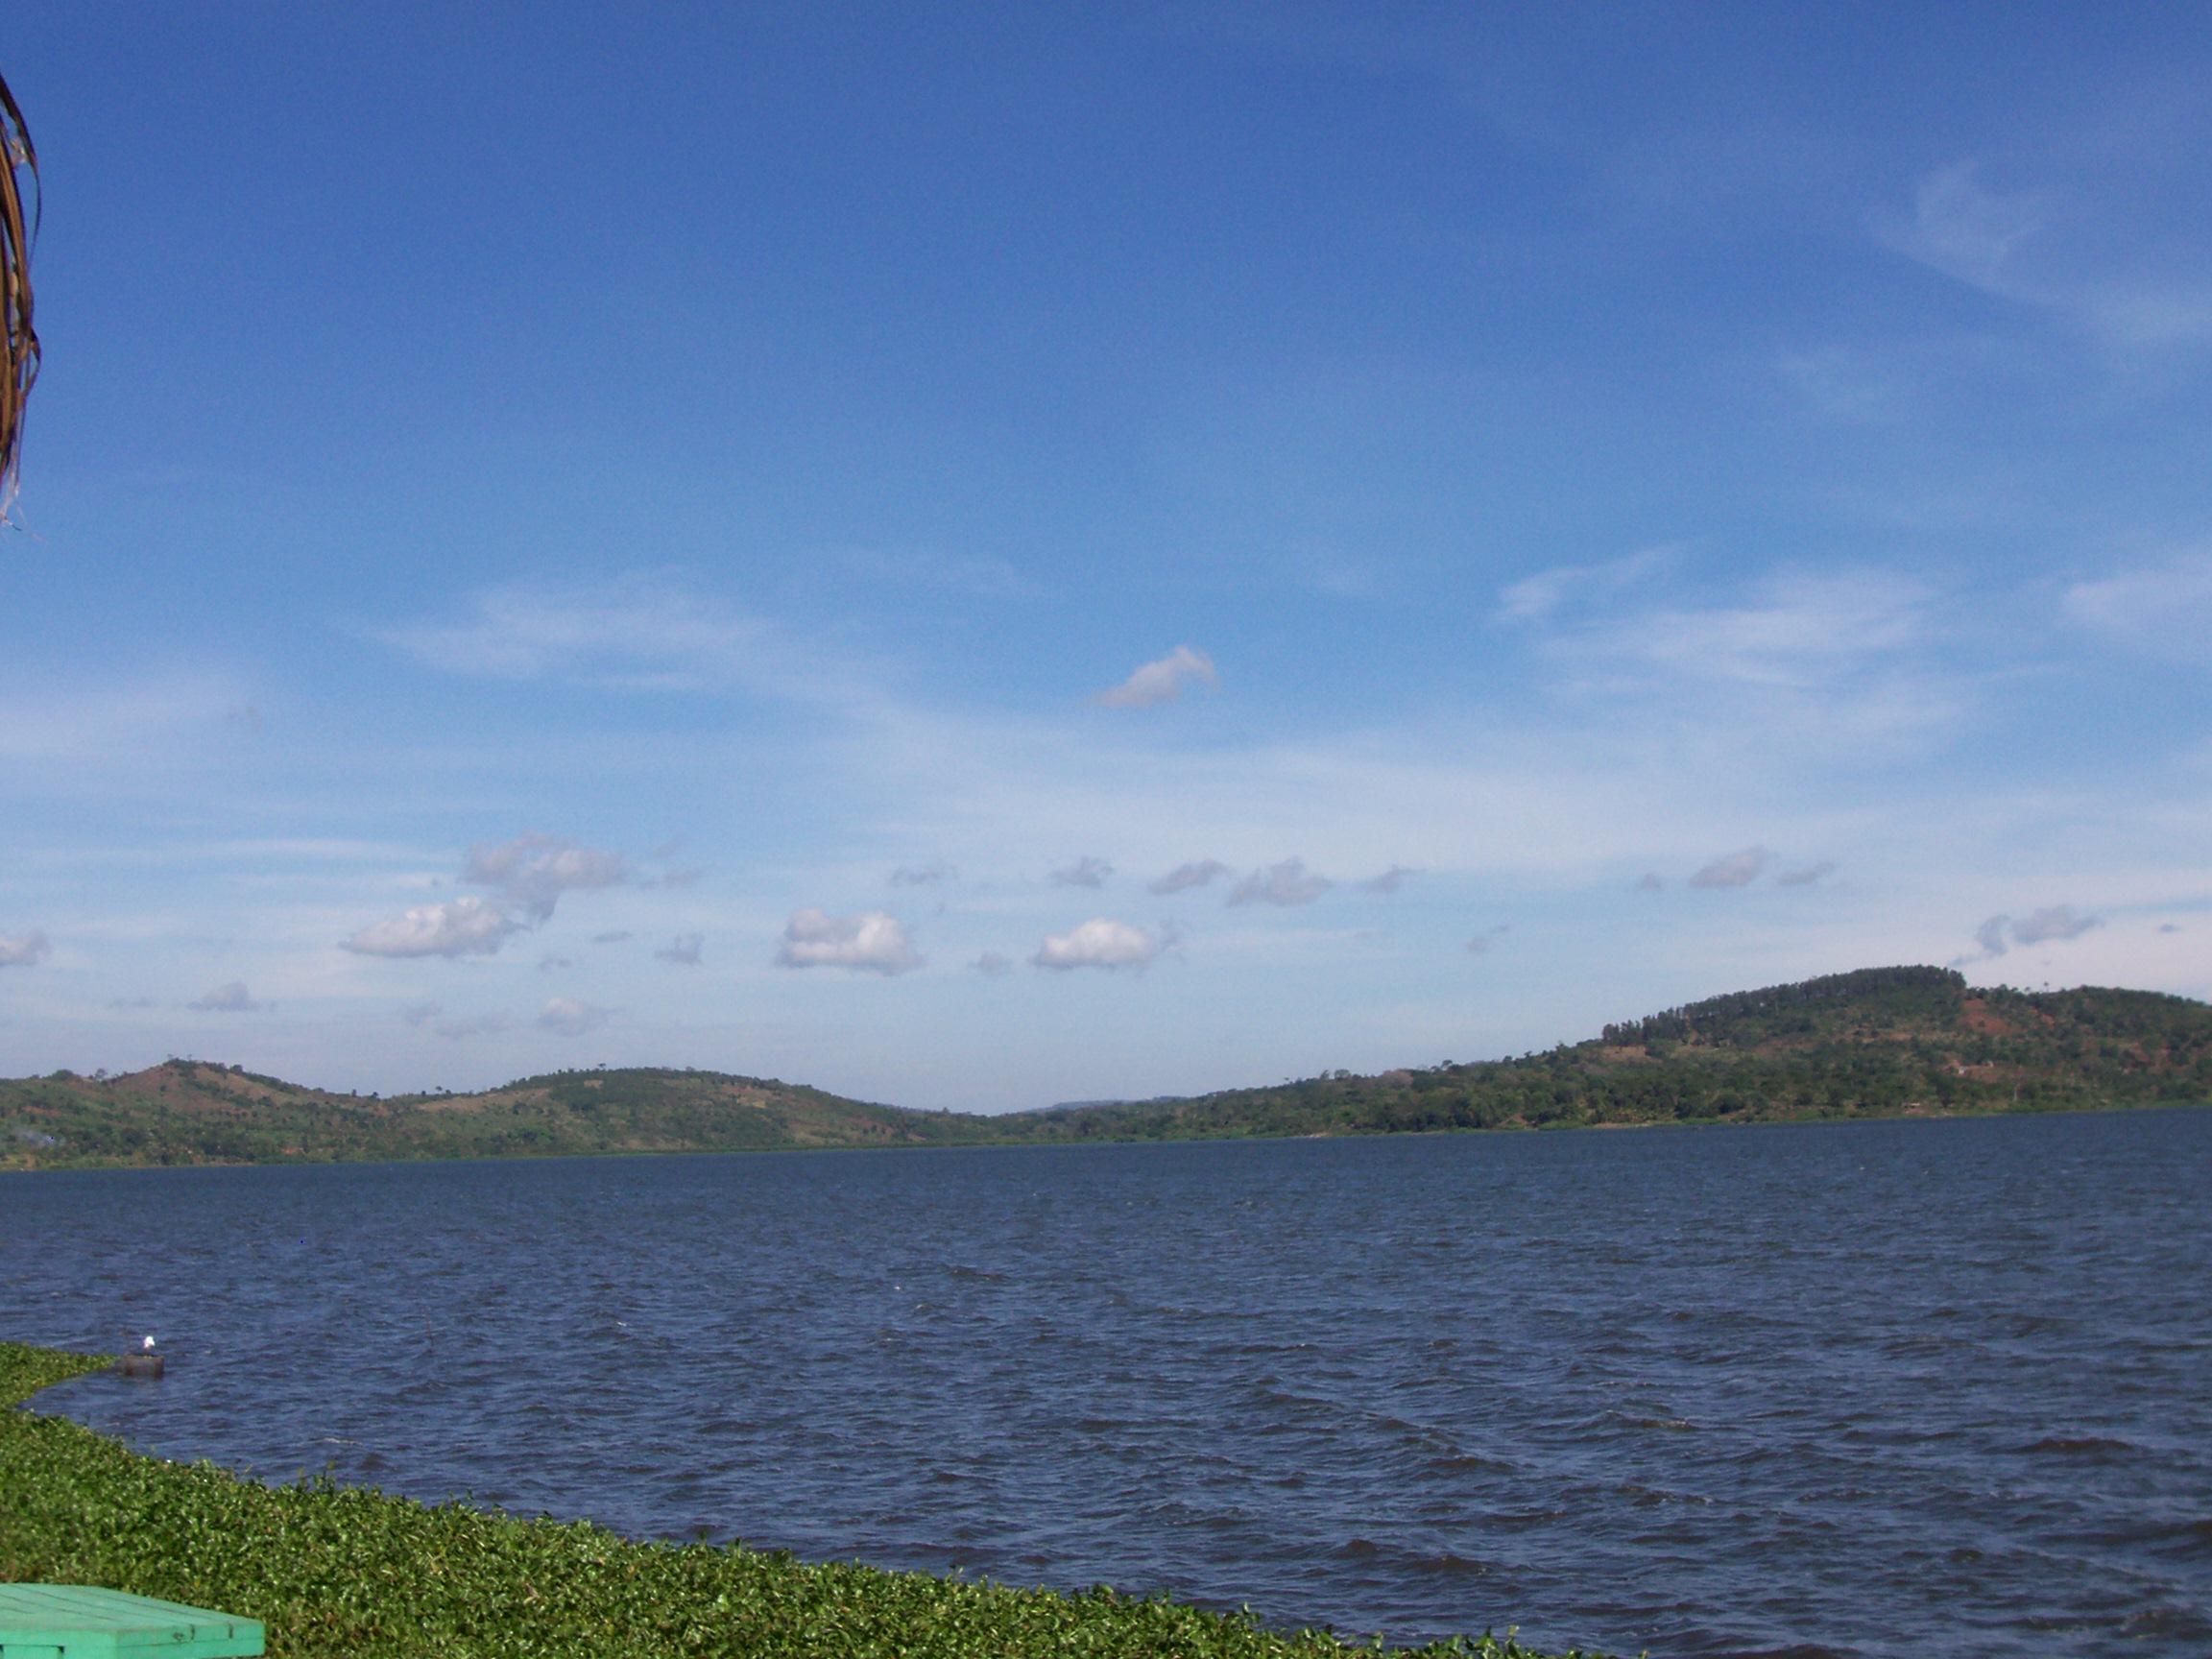 File:Africa Lake Victoria 10 006.jpg - Wikimedia Commons